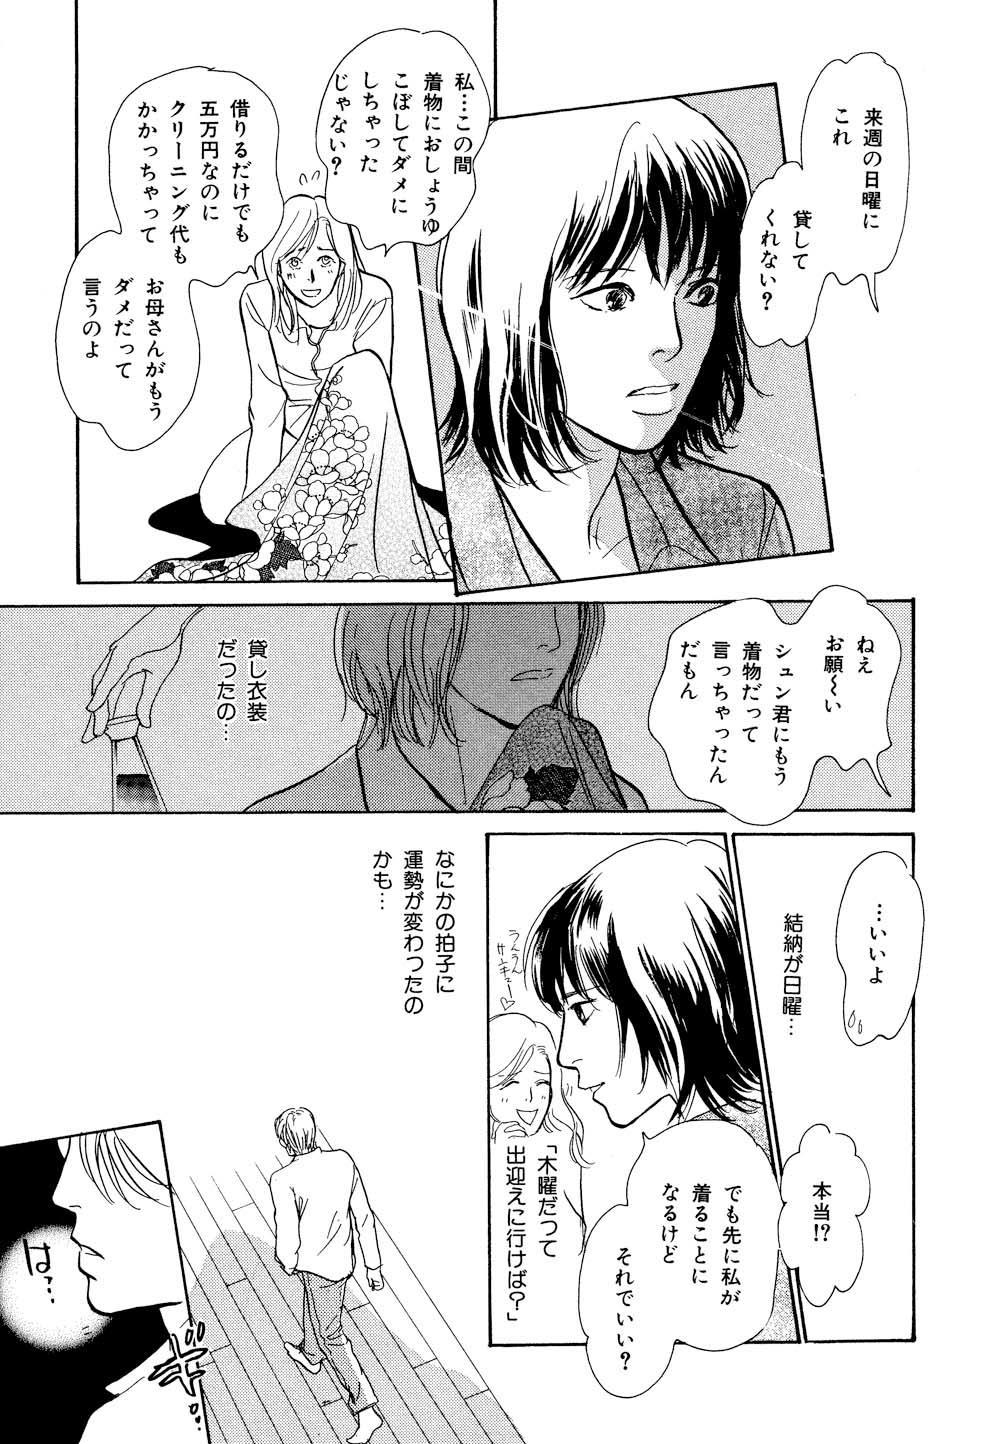 百鬼夜行抄_13_0091.jpg